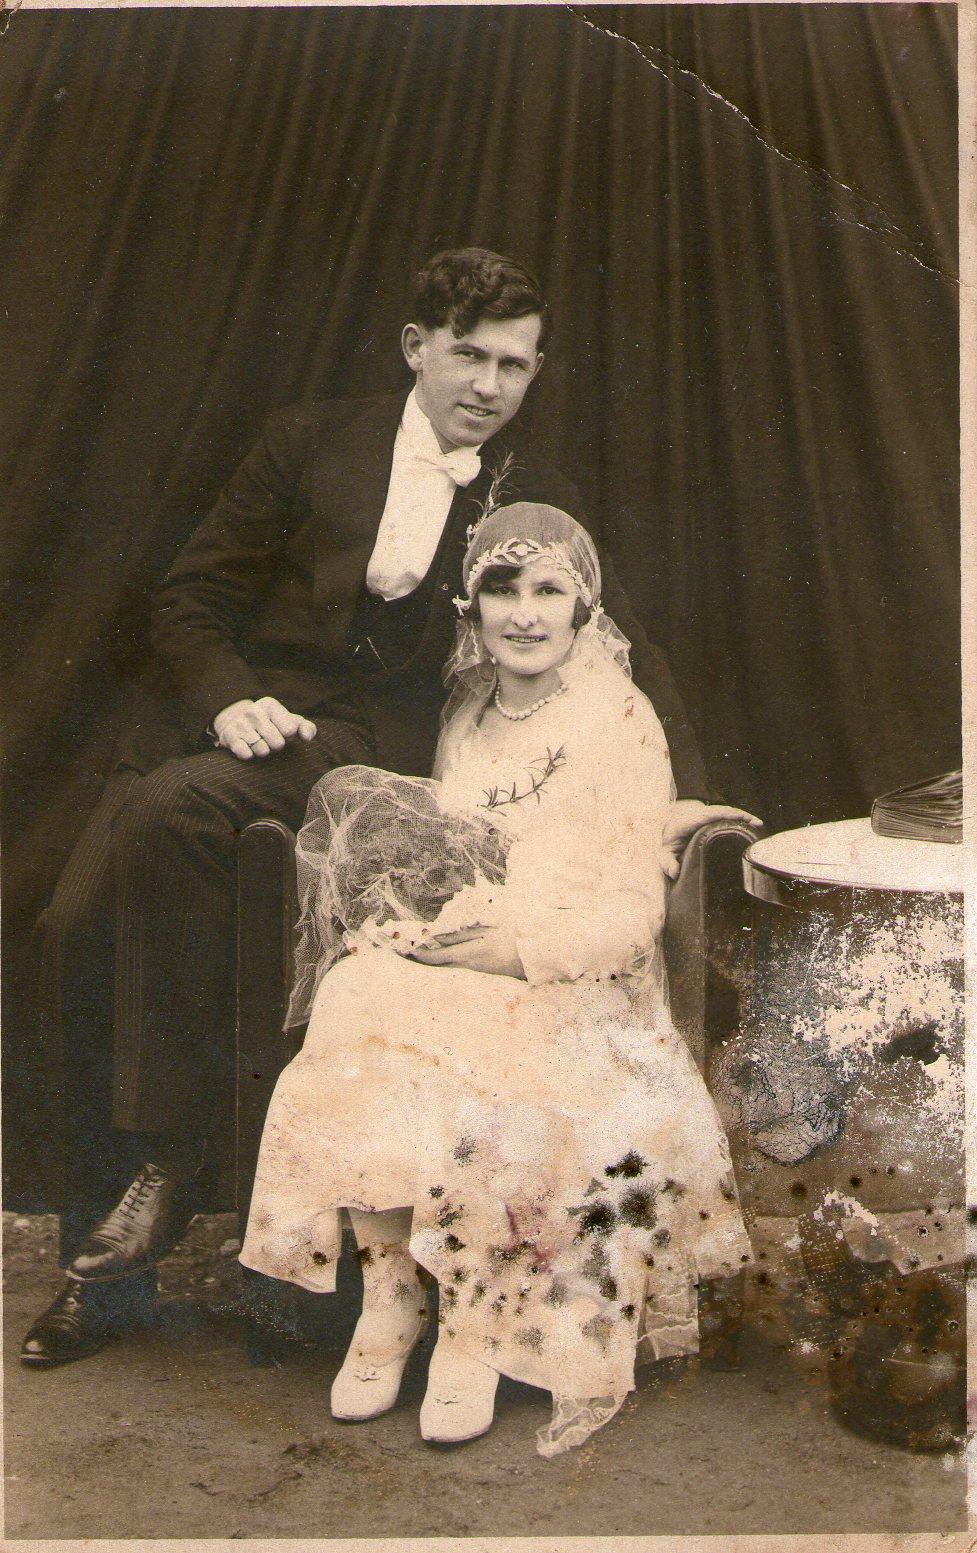 Josip Berta na svojem vjenčanju. Strijeljan po naredbi Rafaela Bobana 5. srpnja 1944. godine na groblju u Đurđevcu. (Izvor: Zbirka Matije Vogrinčića, Kralja Tomislava 11, Đurđevac)